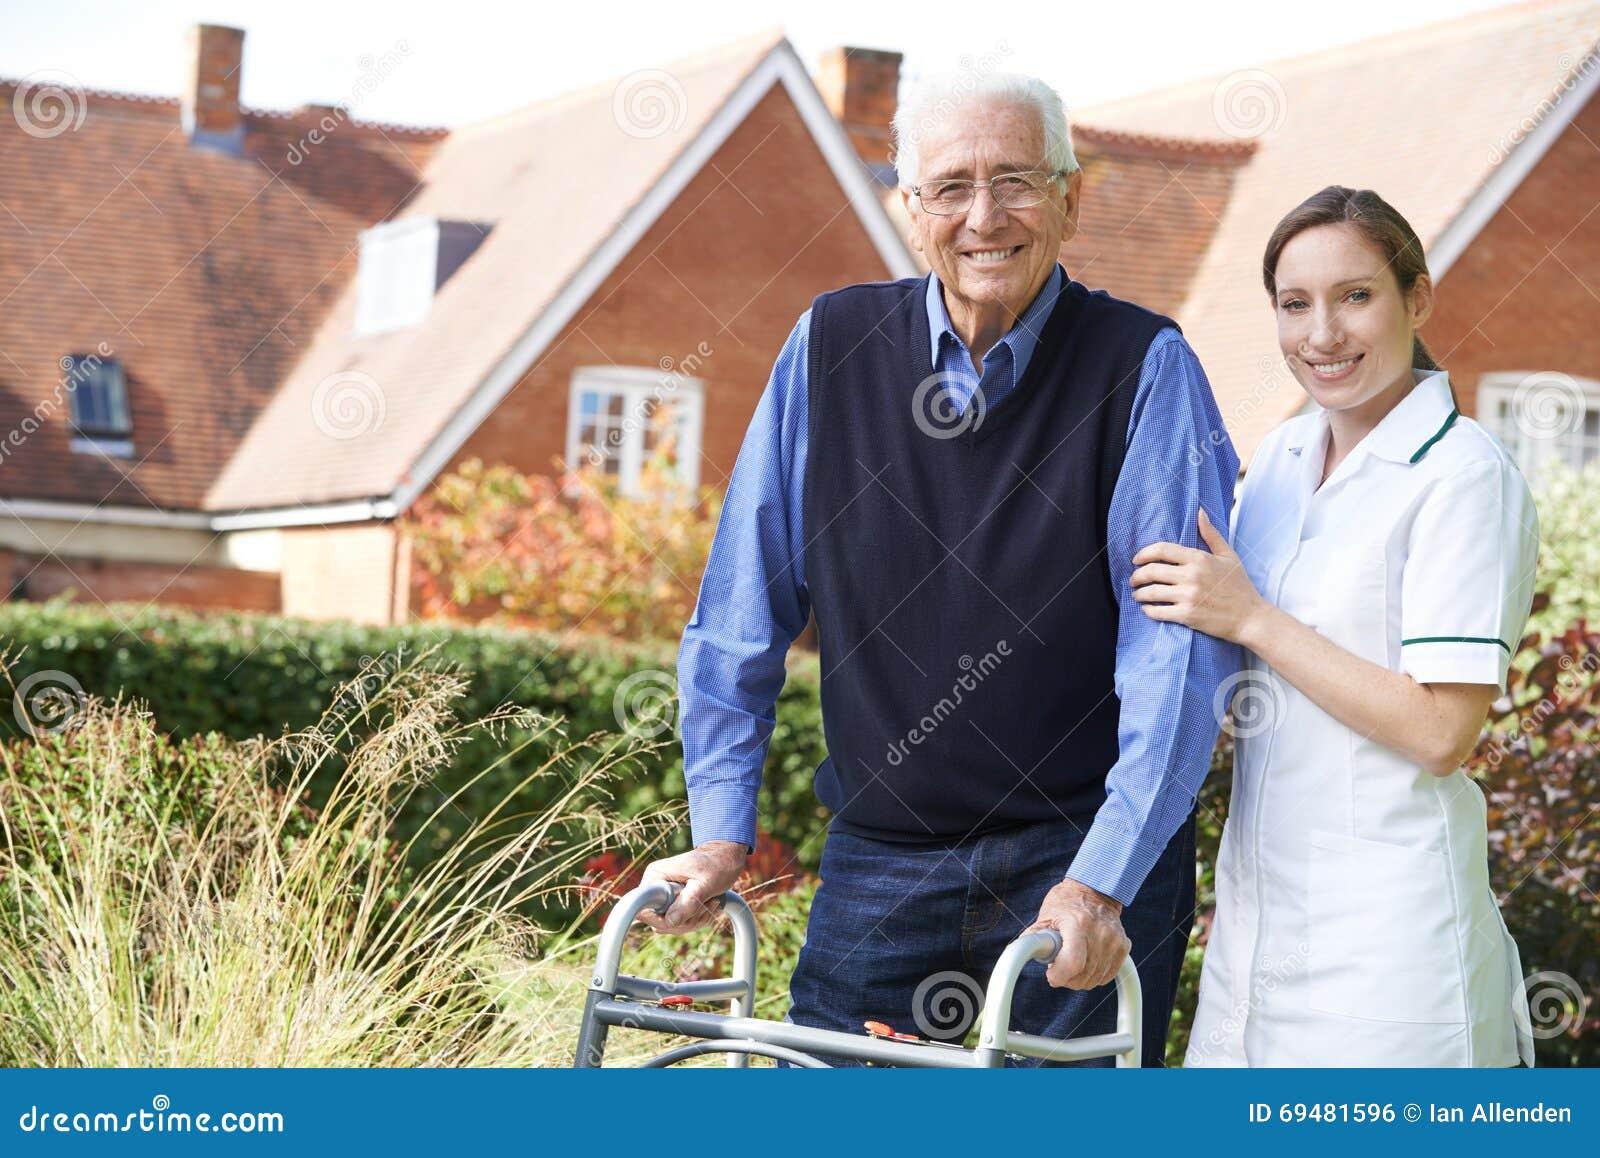 Equipa de tratamento que ajuda o homem superior a andar no jardim usando o quadro de passeio